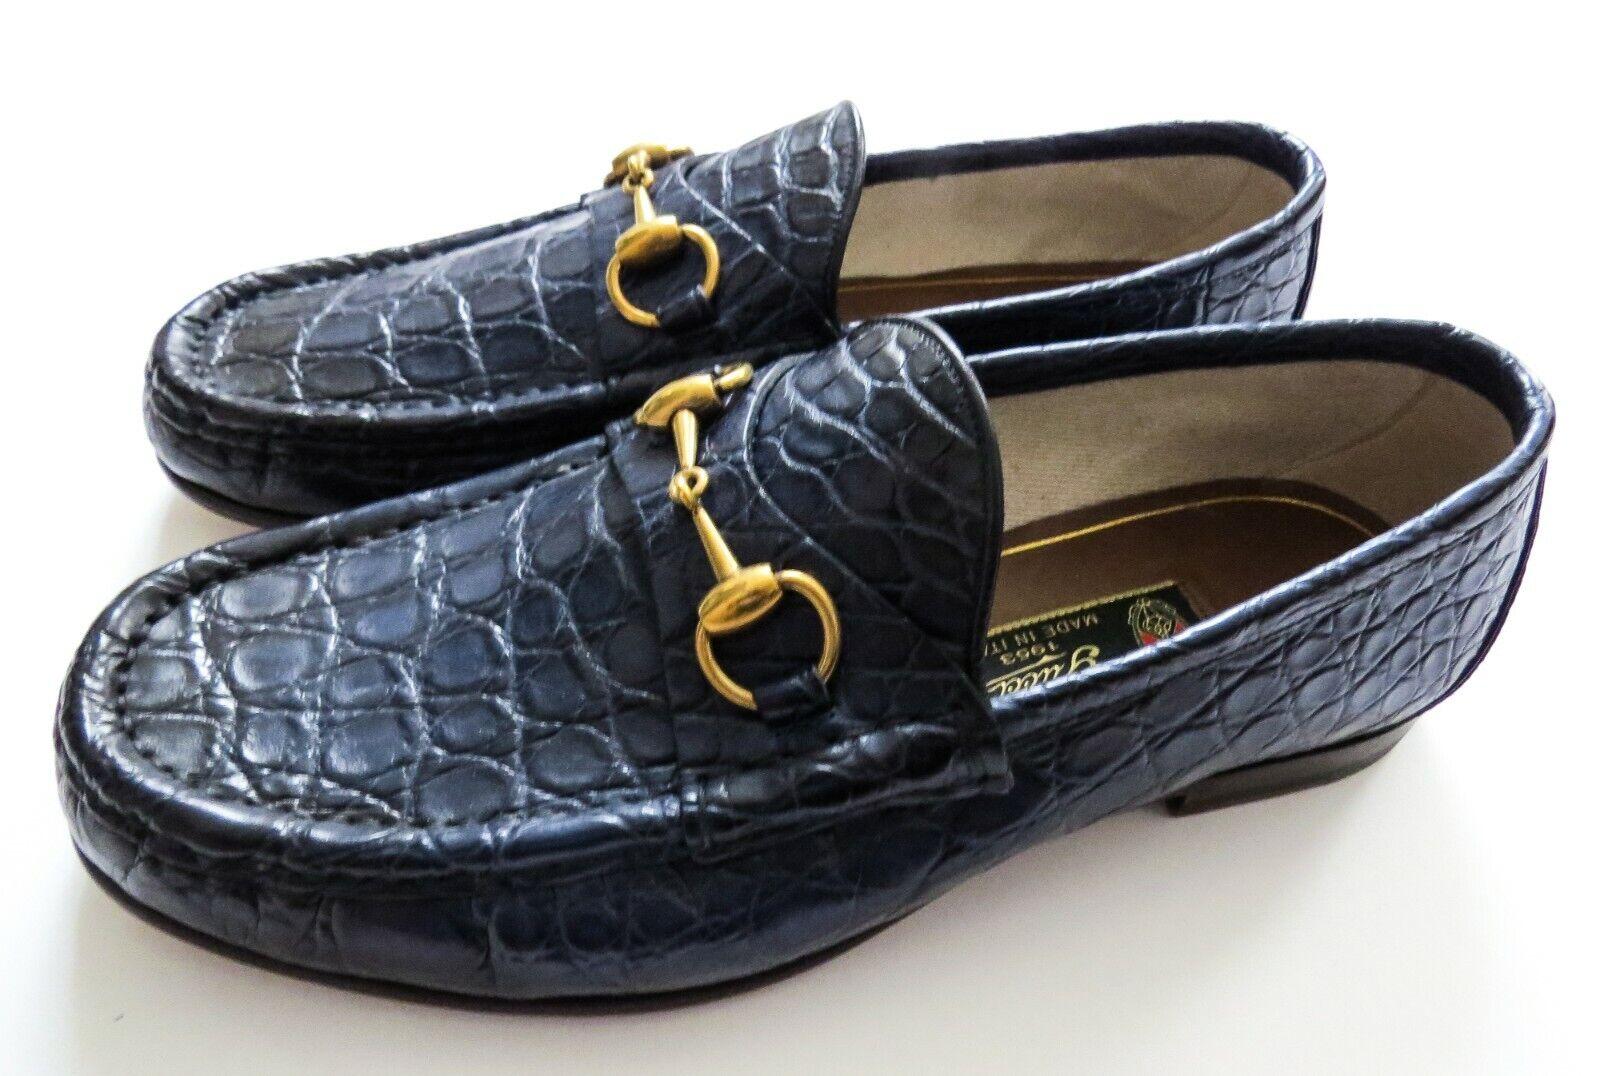 GUCCI Blue Crocodile Alligator Leather Horsebit Shoes Size 7 US 40.5 Euro 6.5 UK